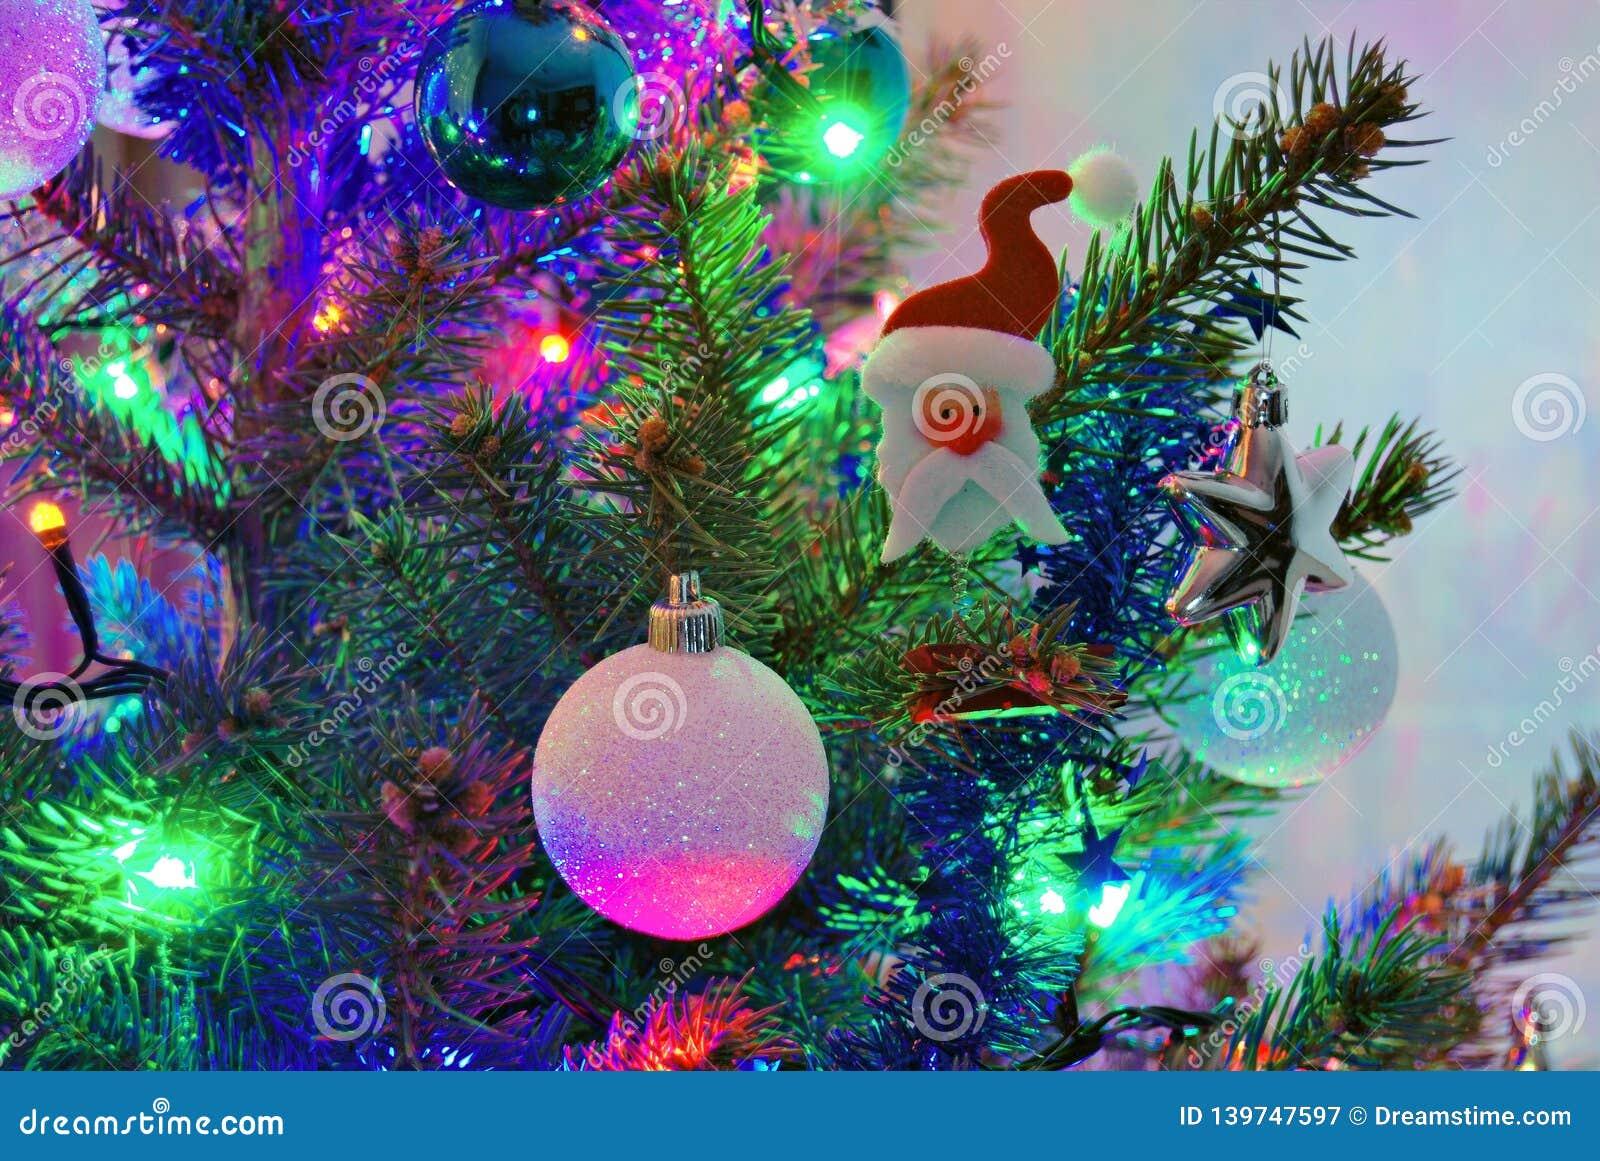 Santa Claus-Figürchen im Weihnachtsbaum